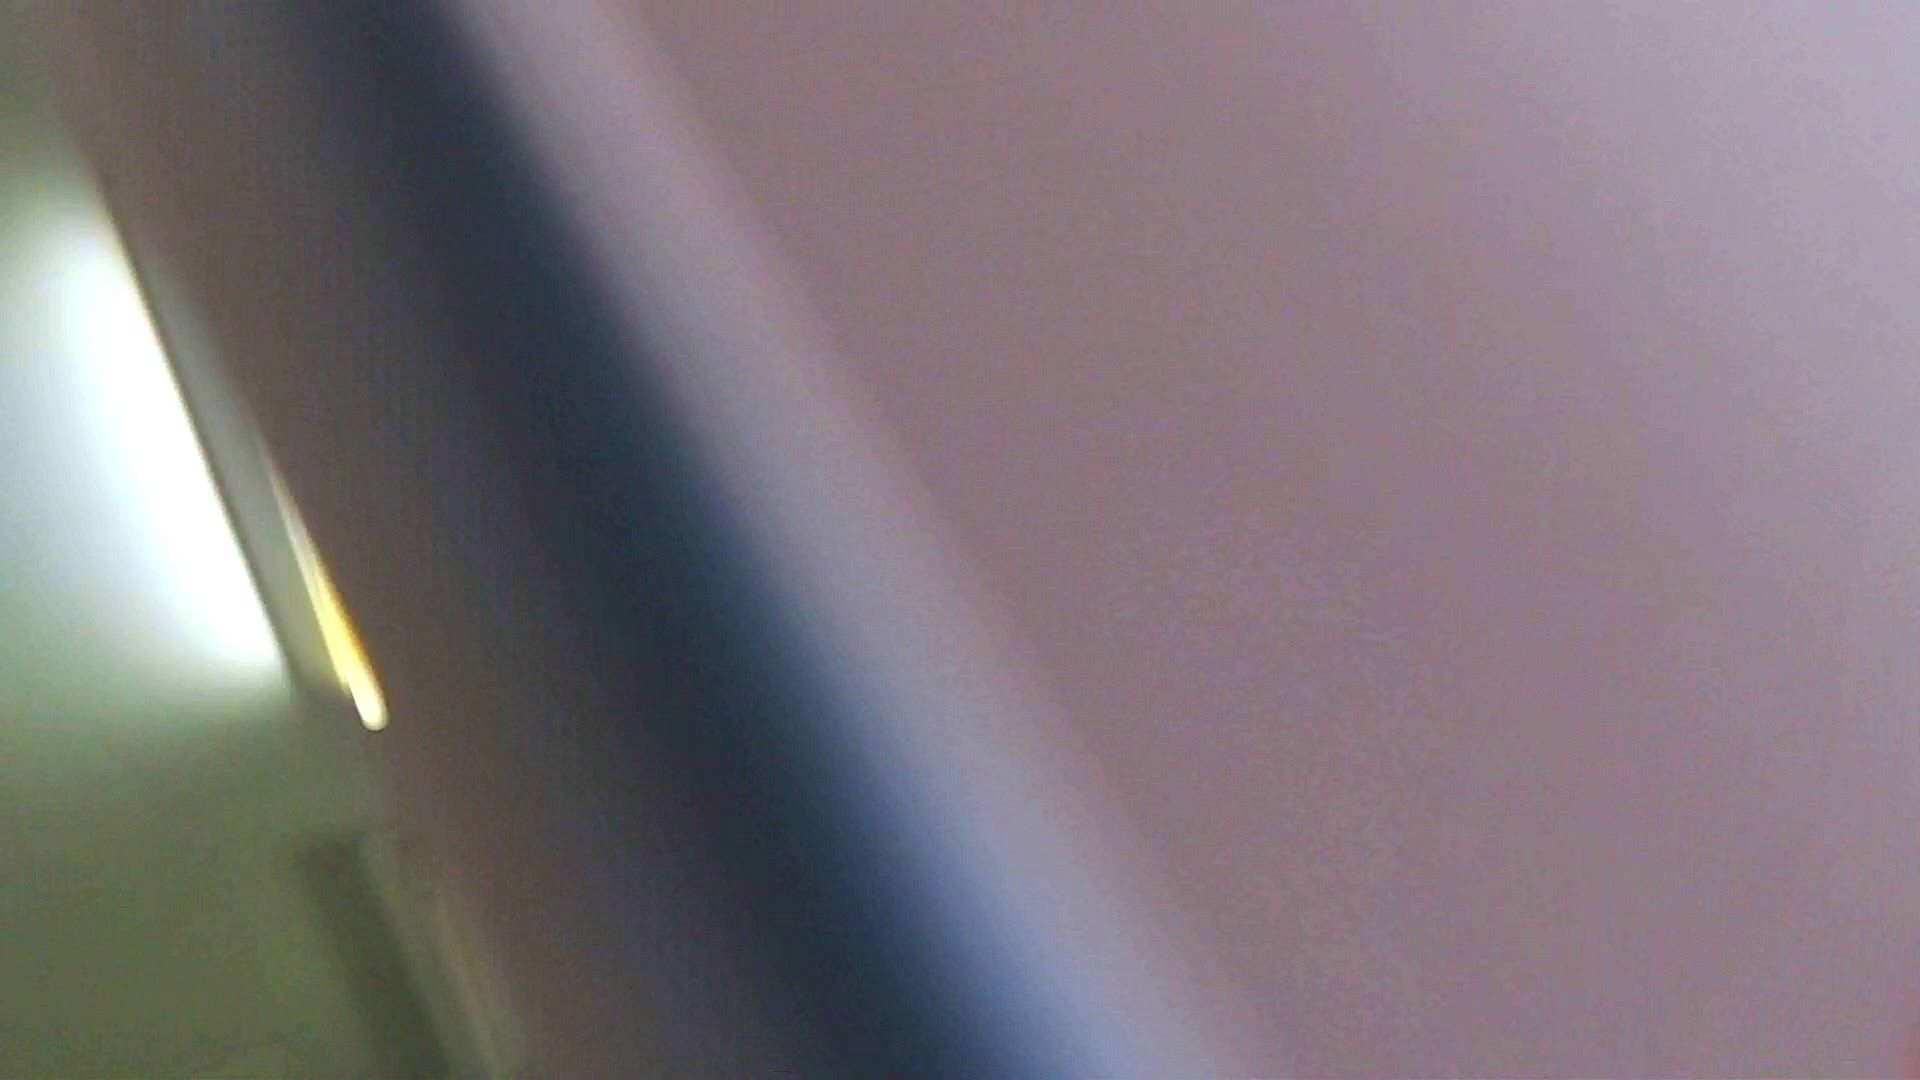 vol.02 命がけ潜伏洗面所! お化粧直しは入念に! エロティックなOL | プライベート  61画像 33